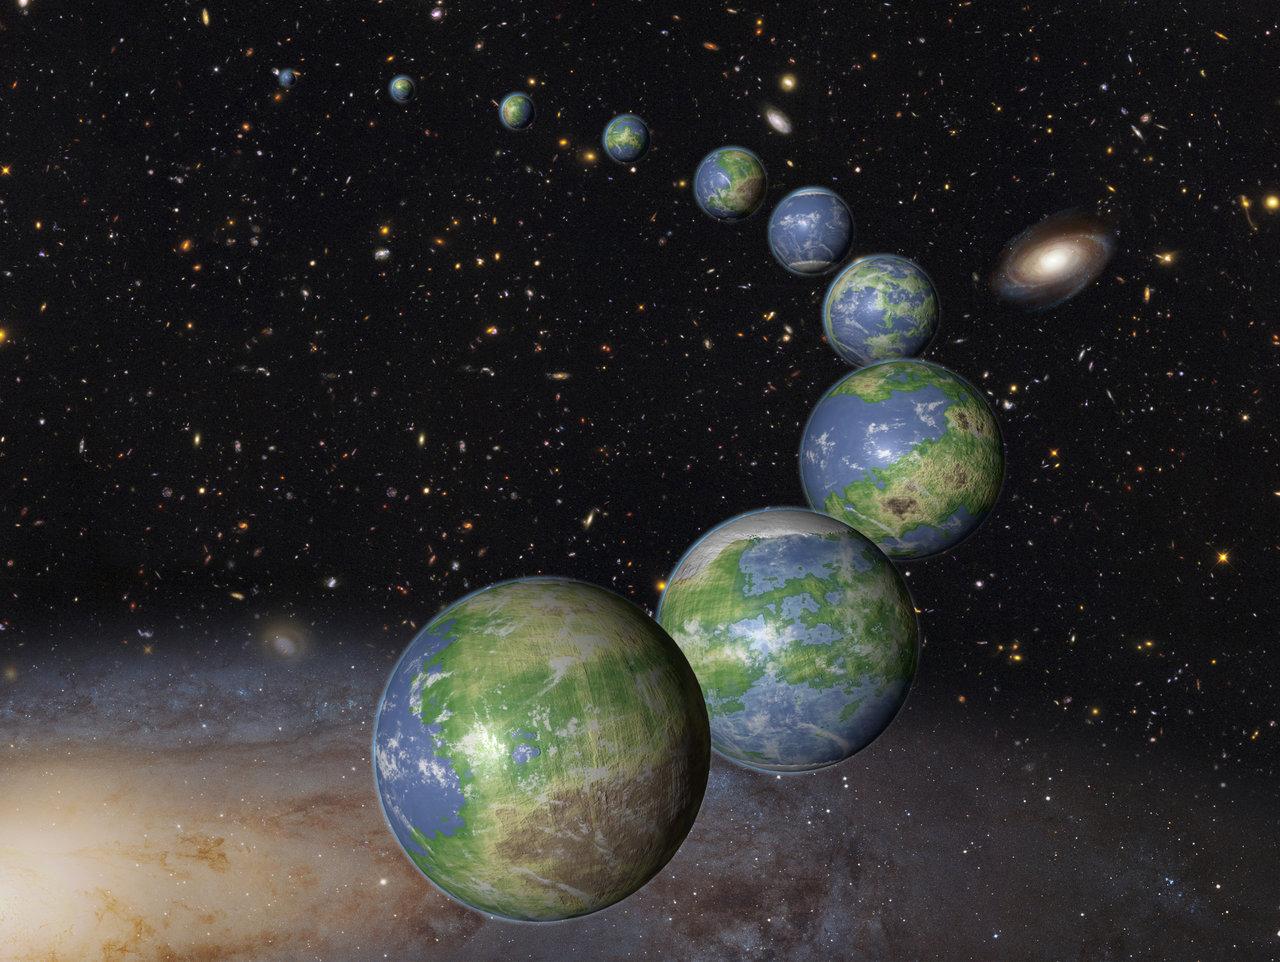 вряд планеты фото из космоса вне солнечной системы один типовых